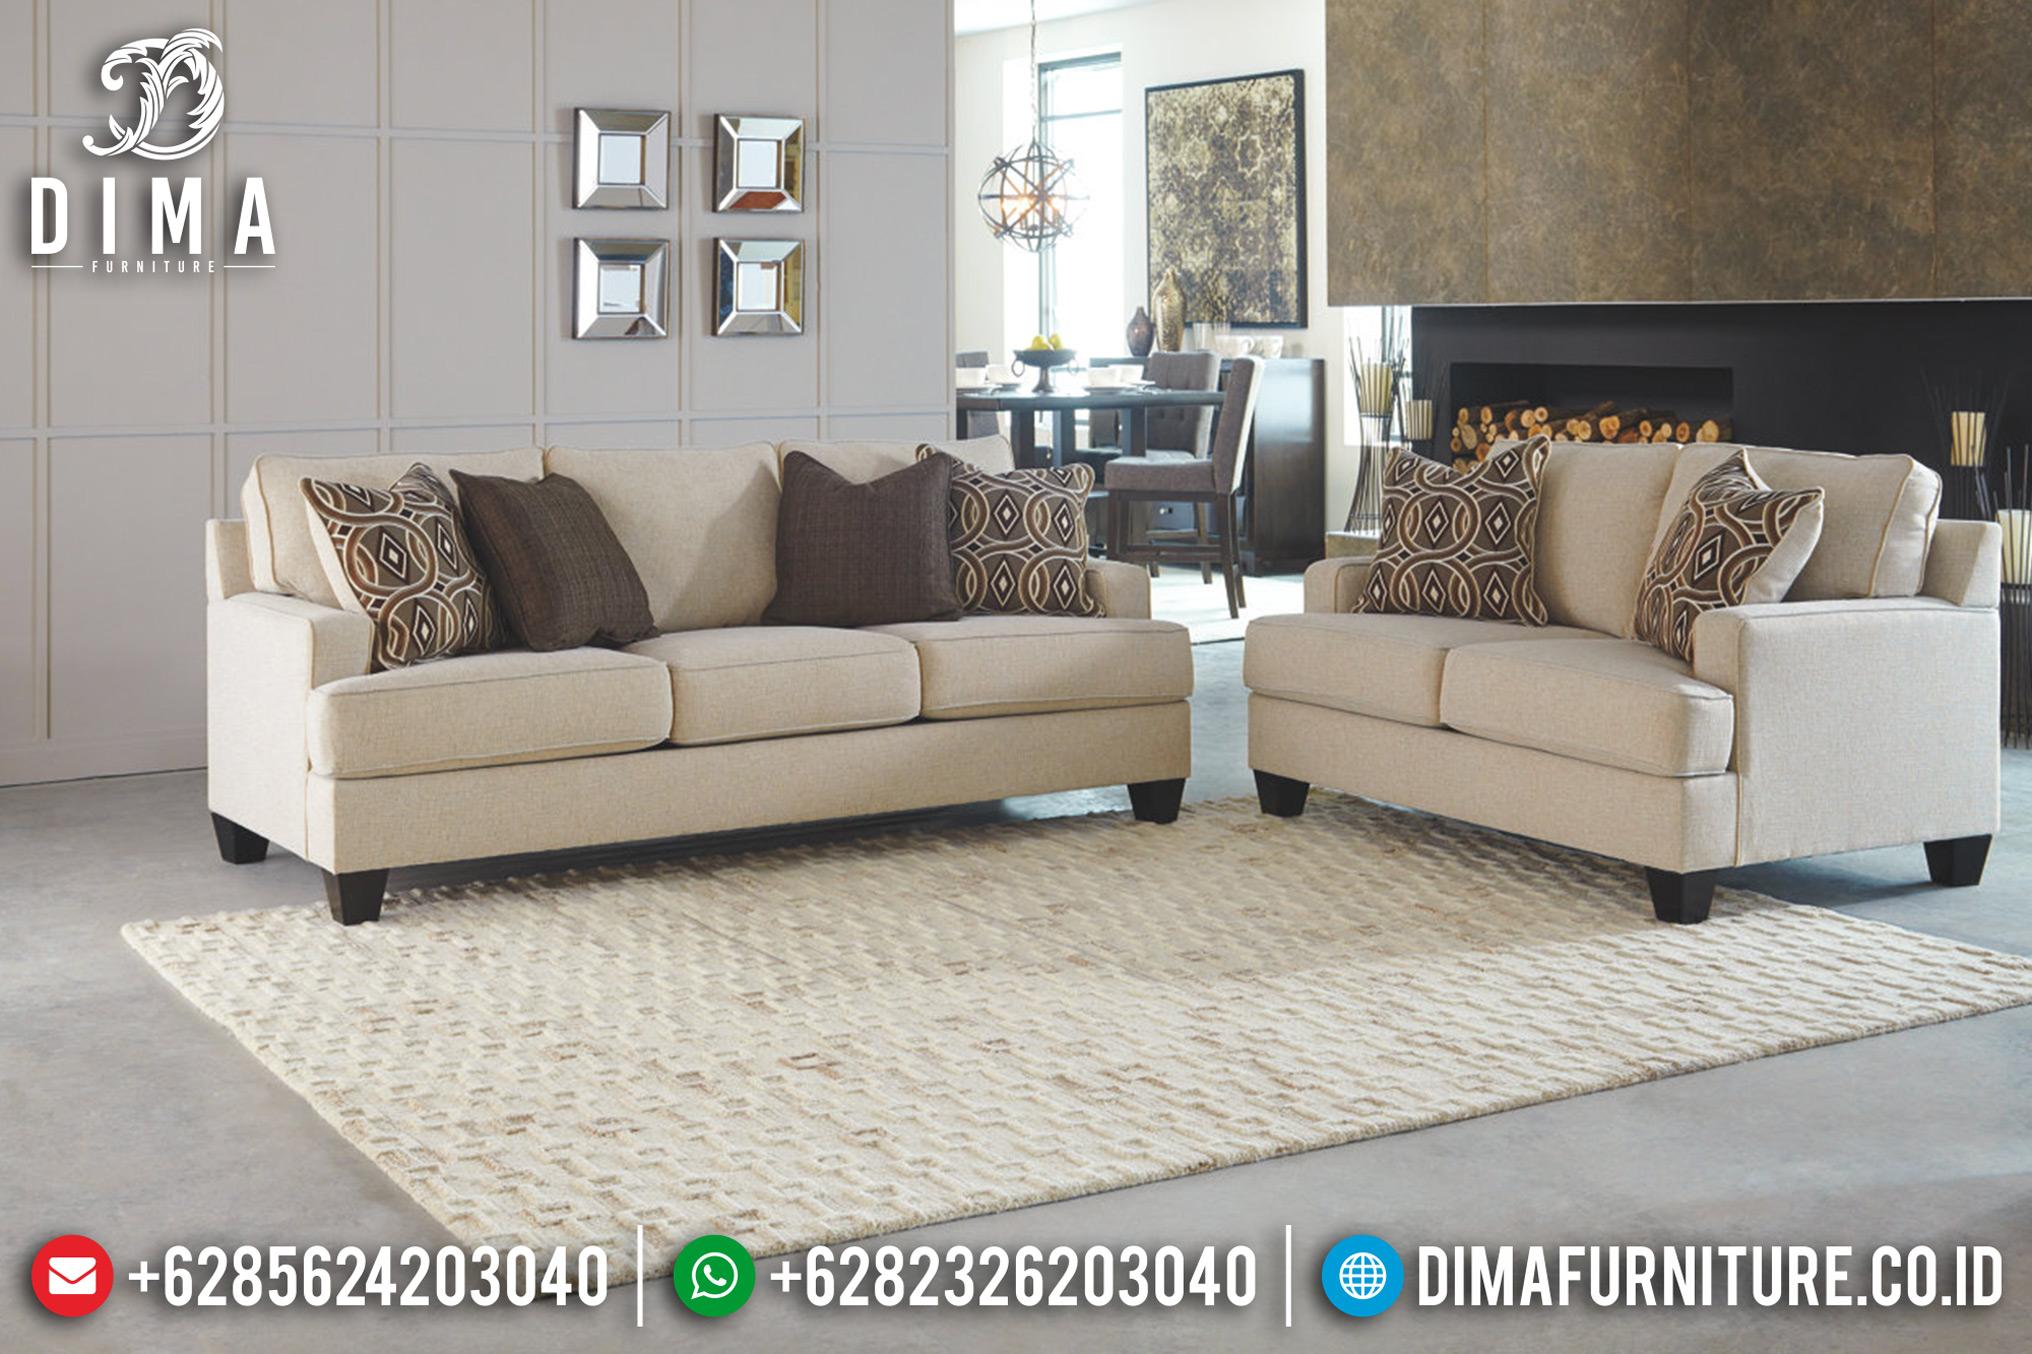 Jual Sofa Tamu Jepara Minimalis Fabric Canvas Model Terbaru Lonica DF-0669 Gambar 1